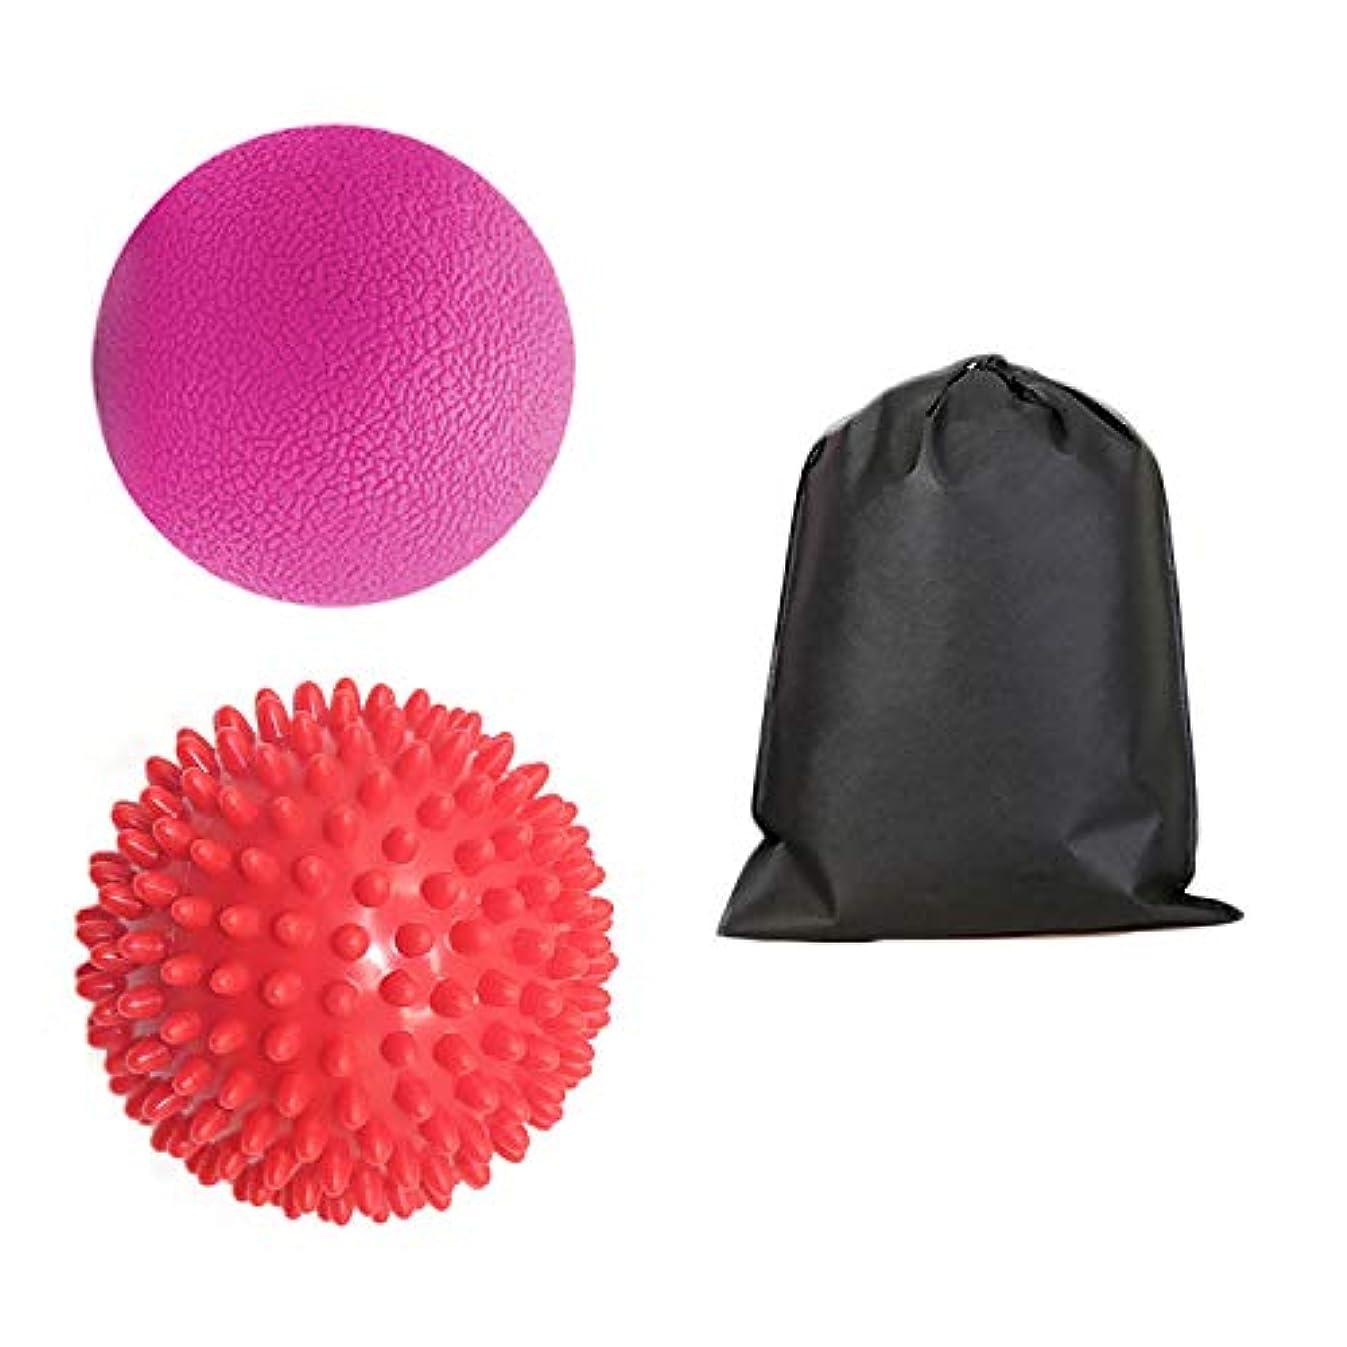 羊糞札入れMigavan 1個マッサージボールマッサージボールローラーマッサージボール+ 1袋スパイクマッサージローラーボールマッサージと収納バッグ